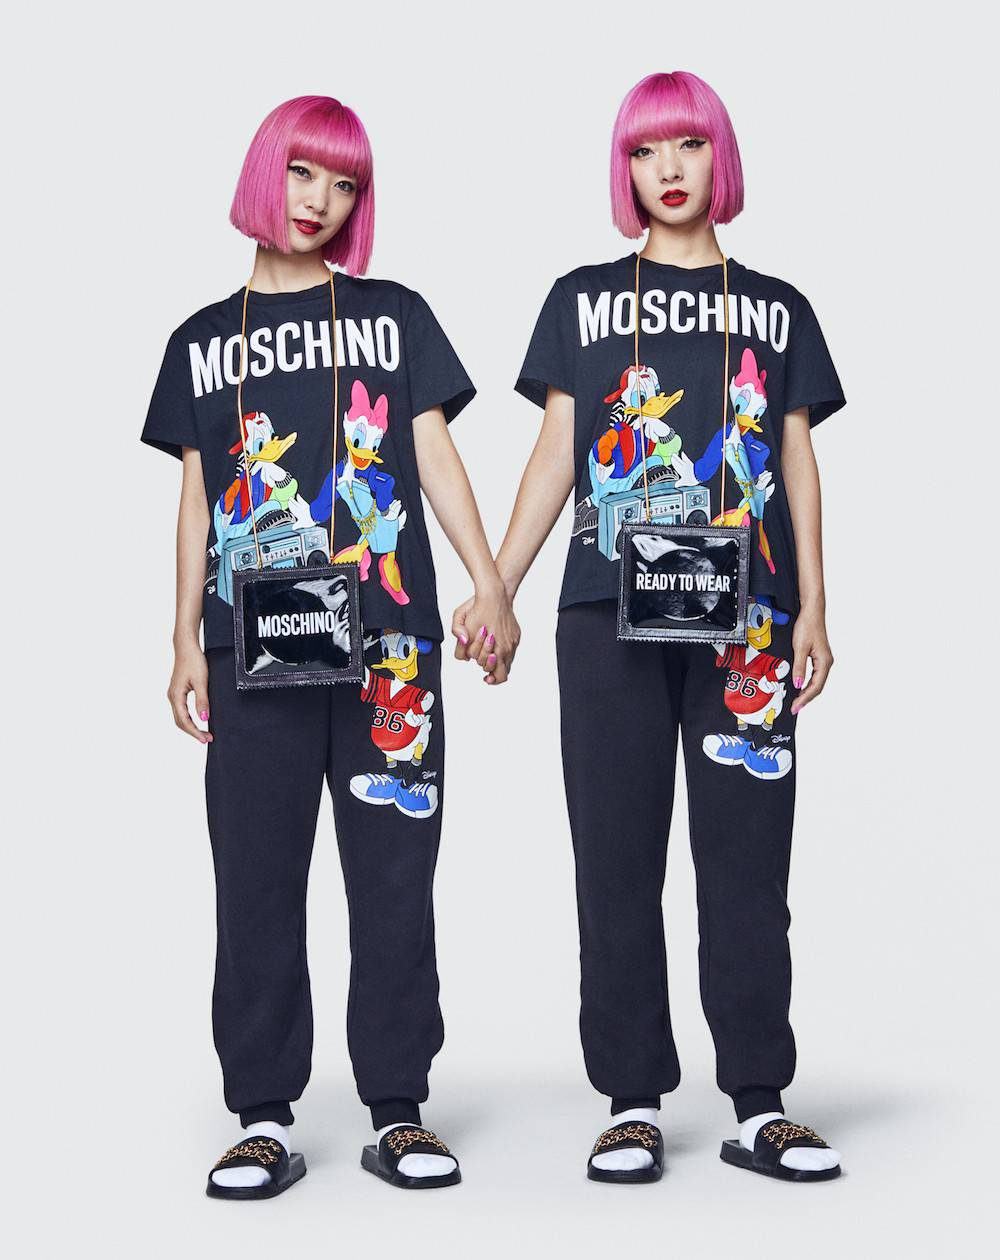 Moschino tv HM_6108_LB_134_300dpi_PR